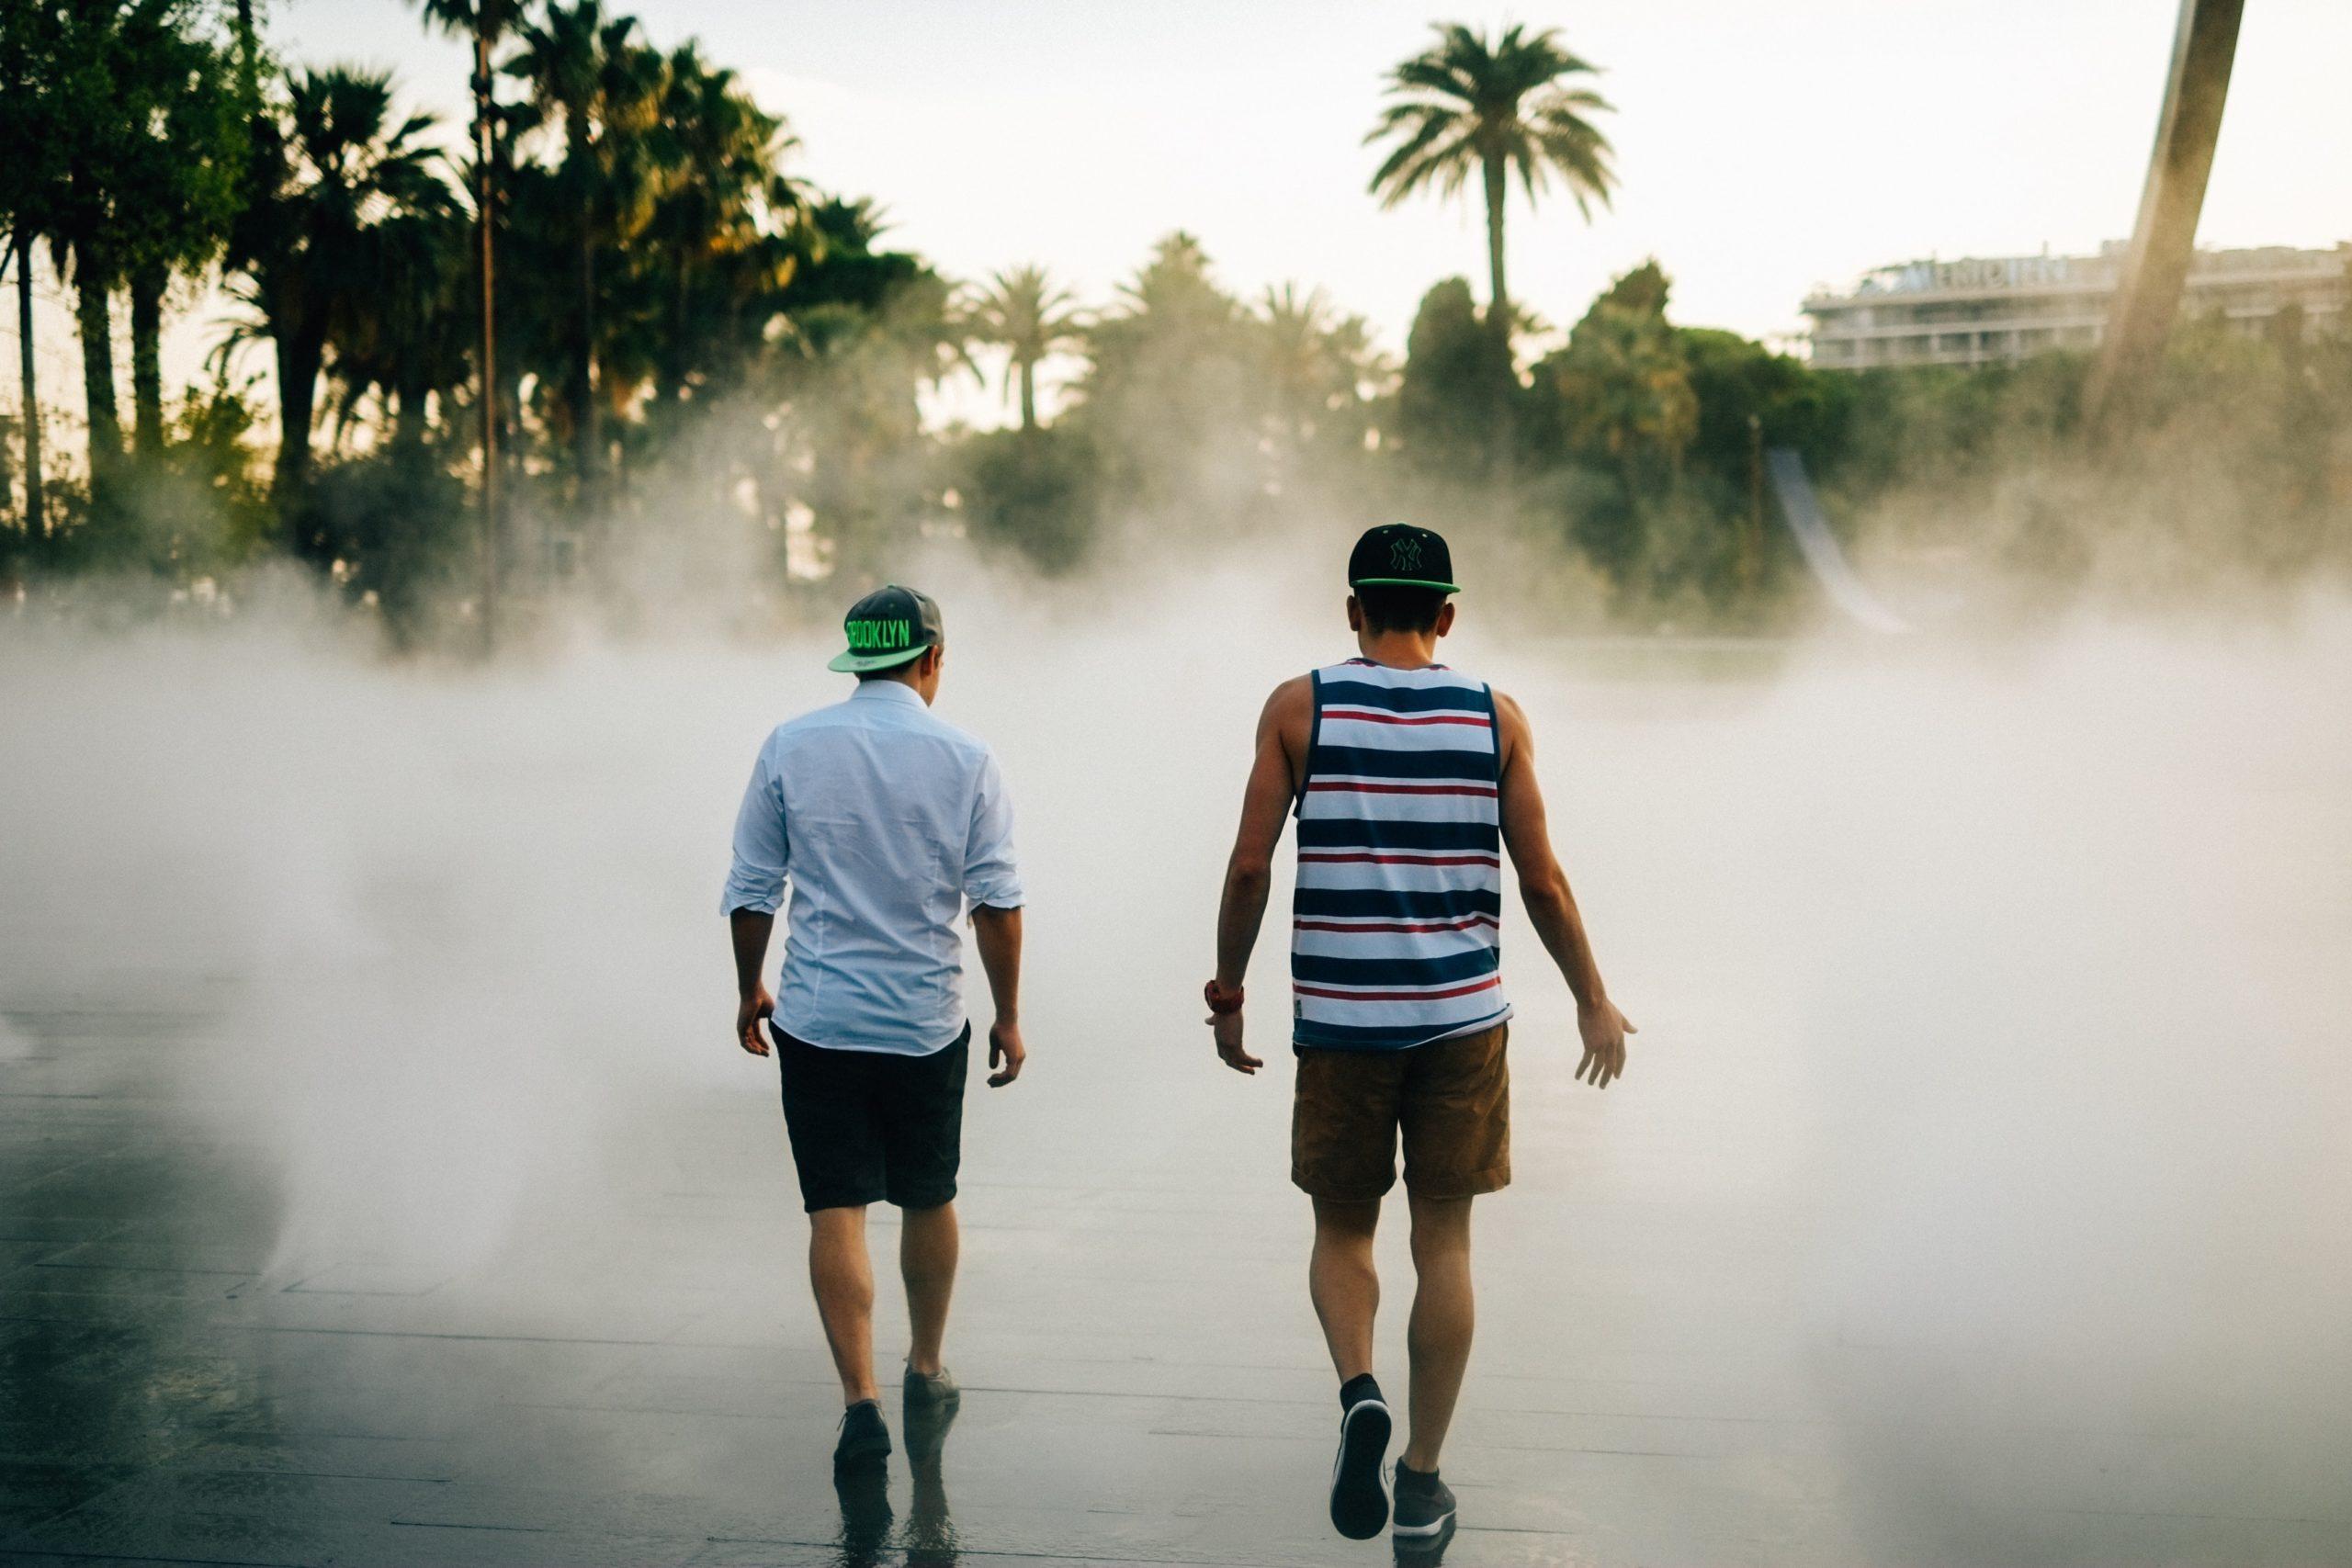 ゲイの付き合いが長続きしない場合に多い理由